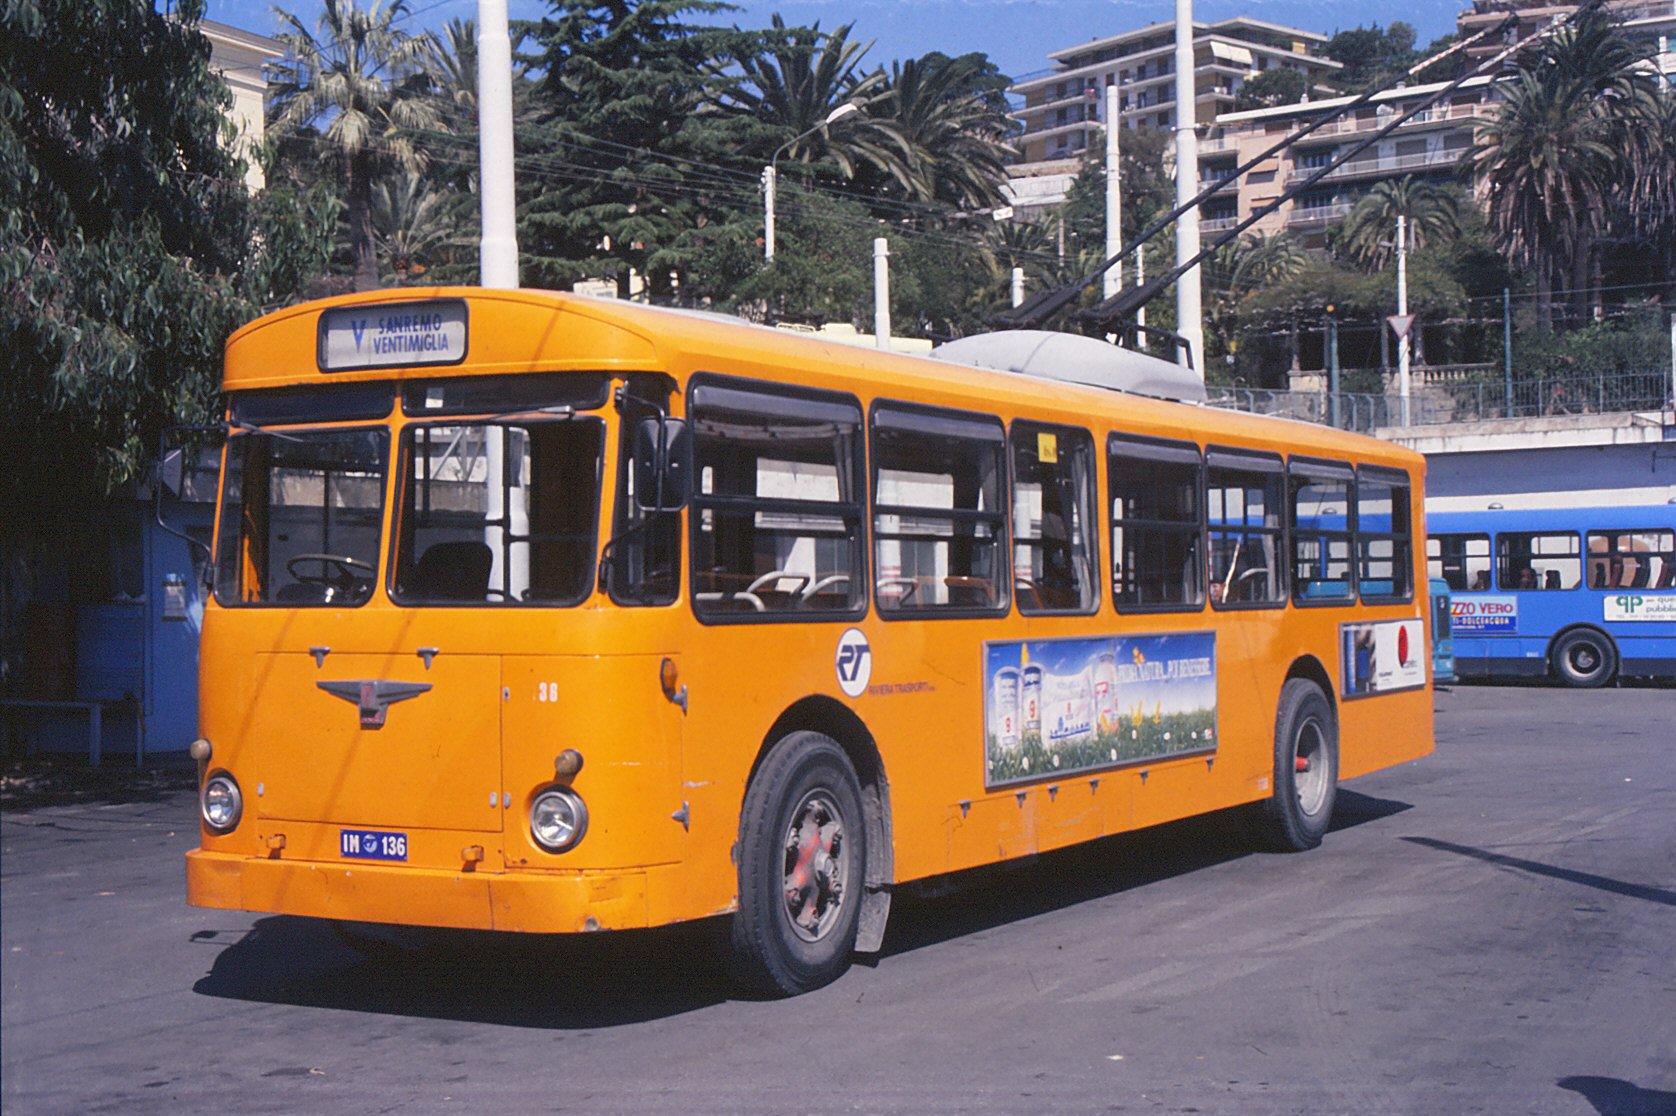 File:Filobus 1139 - Sanremo - 1988.jpg